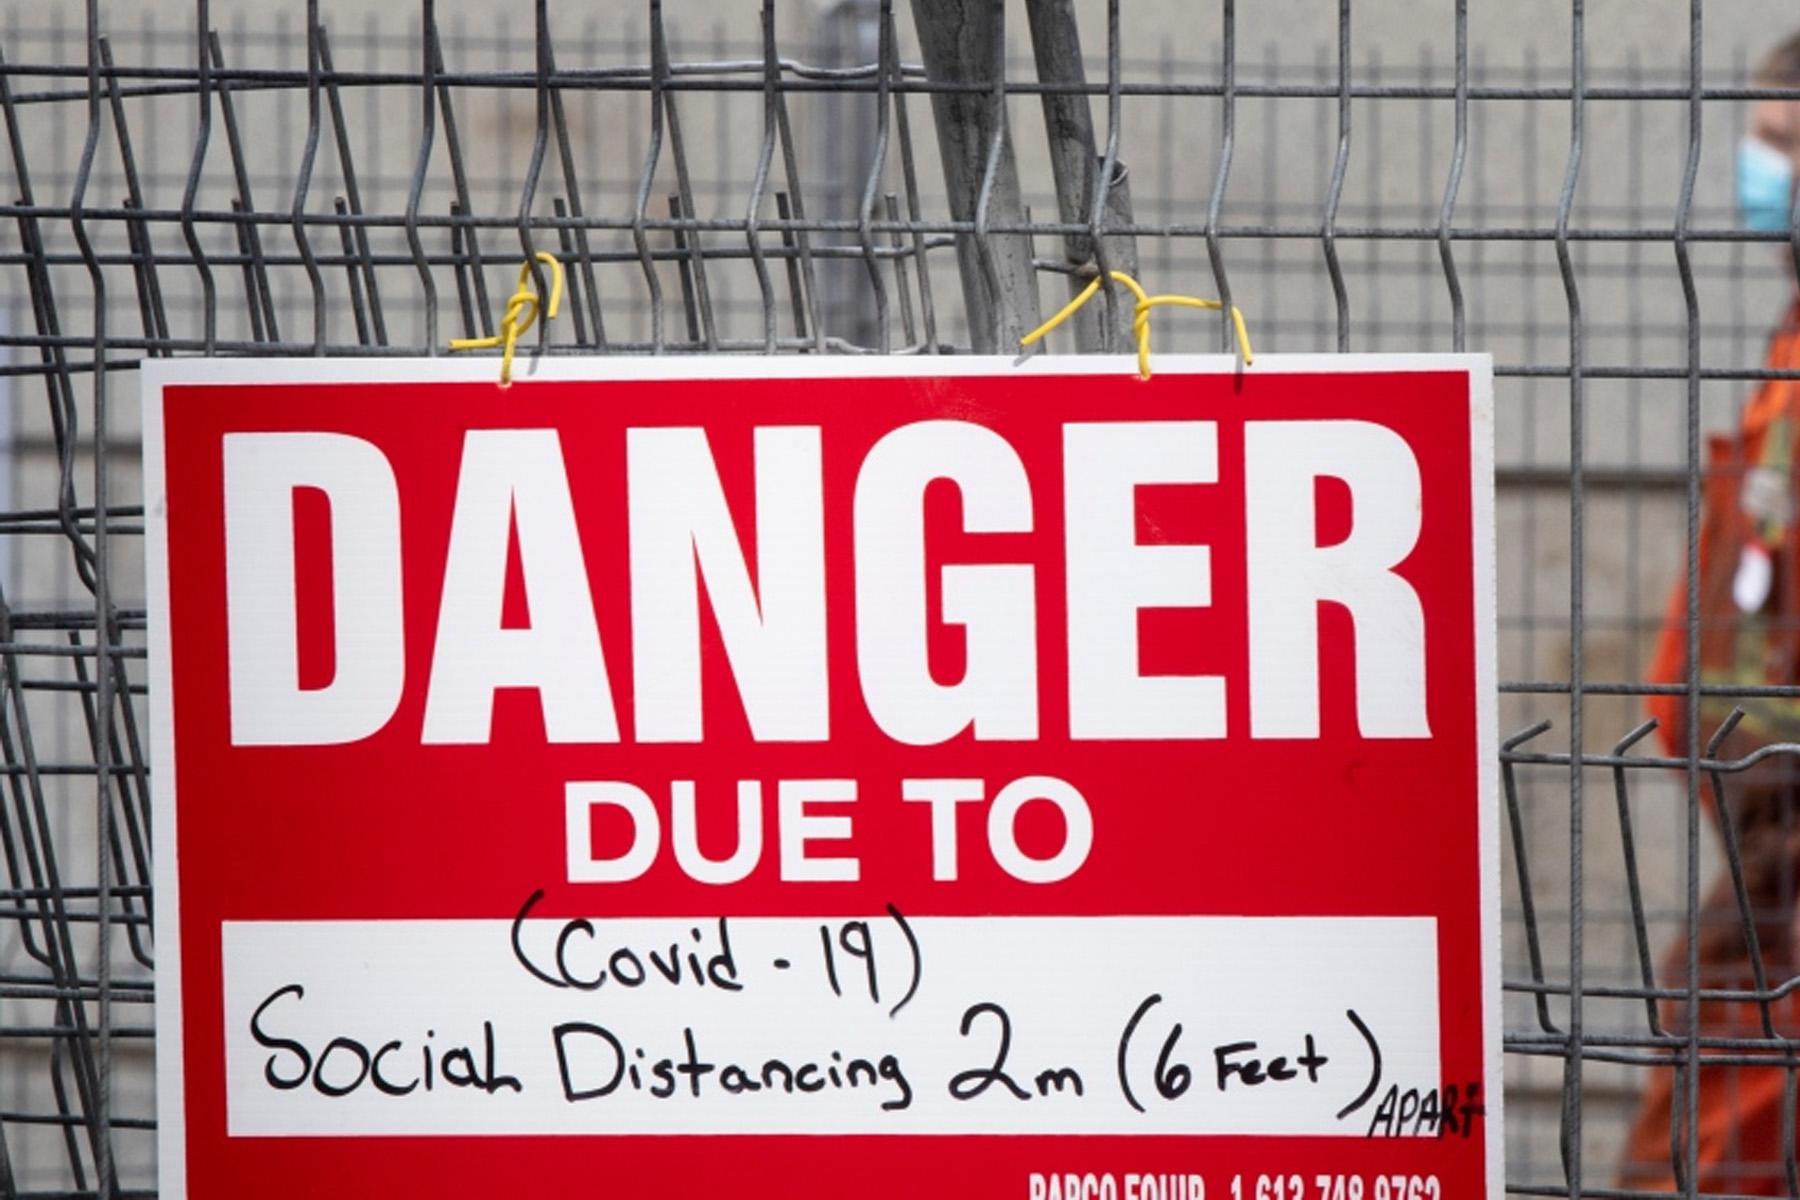 شمار مرگ و میرها ناشی از ویروس کرونا در کانادا از 10 هزار نفر گذشته است